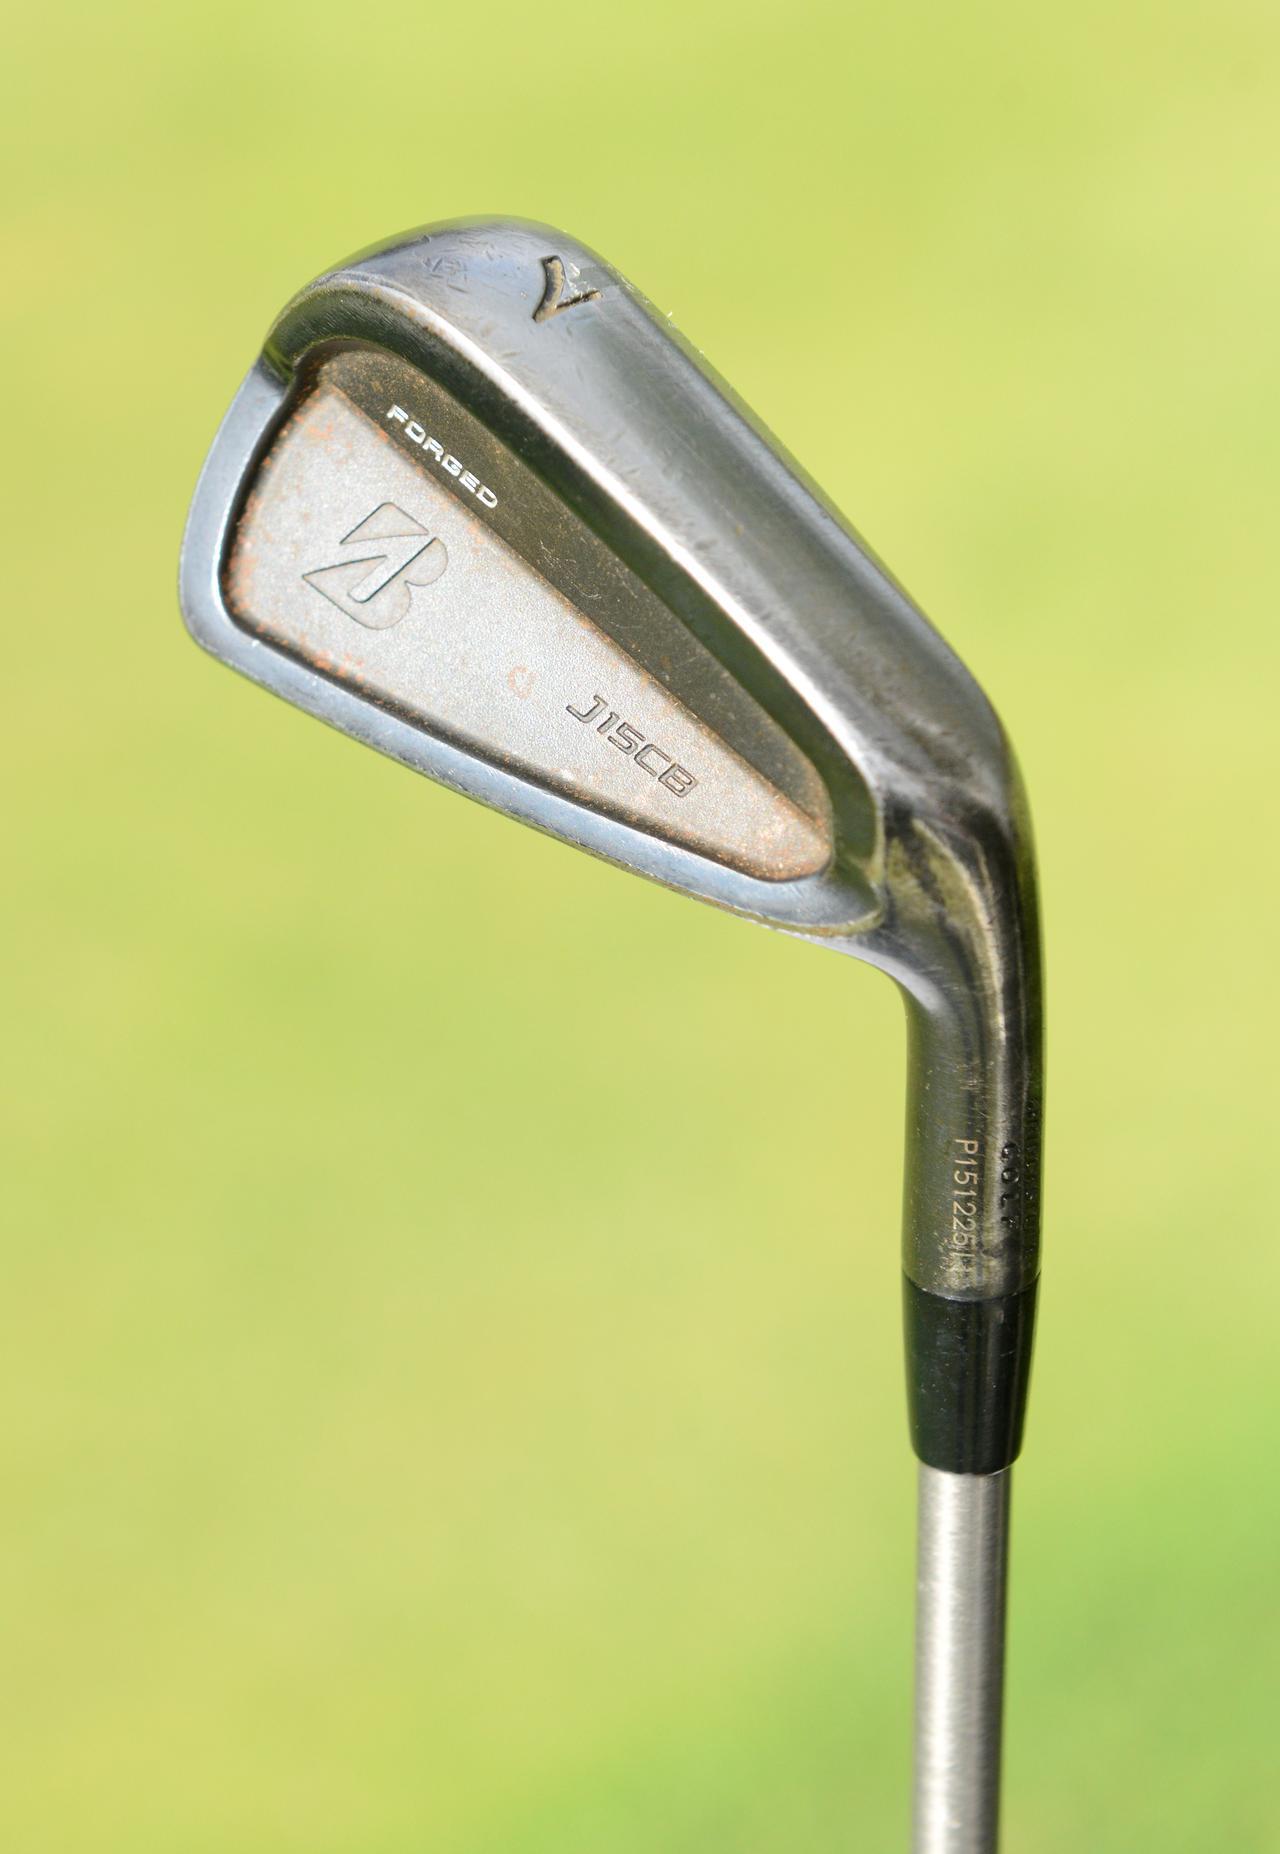 画像: ソールの抜けがよく、「ラフからでも自分の思った弾道が出てくれる」とクーチャー。正確性に優れているアイアン(5i~PW)「ブリヂストンゴルフ J15 CB(Black)」